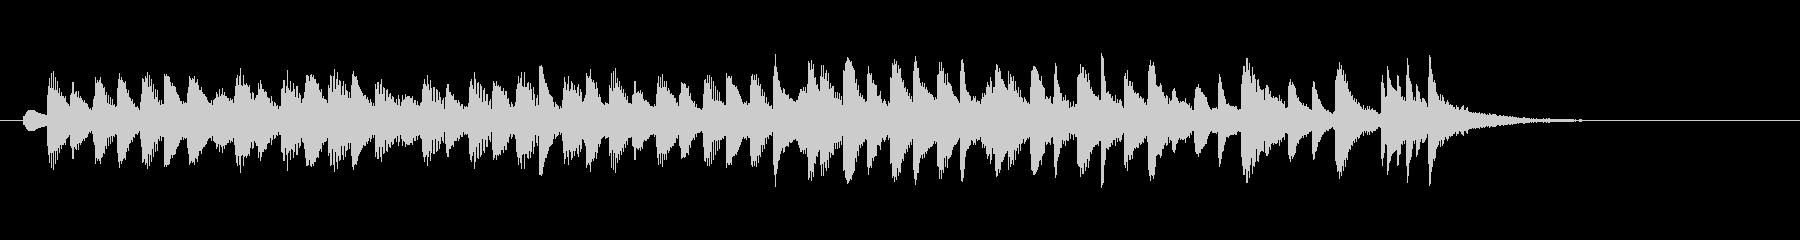 もっとコミカルに走り回る木琴(マリンバ)の未再生の波形